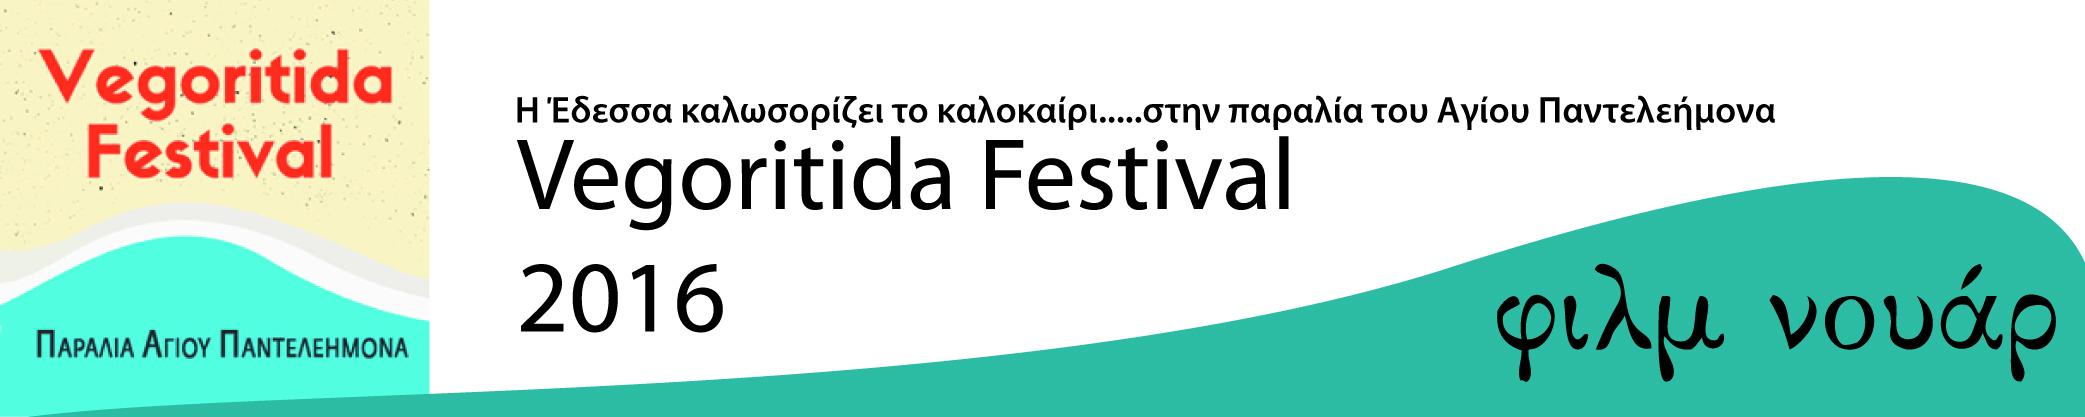 Vegoritida Festival 2016